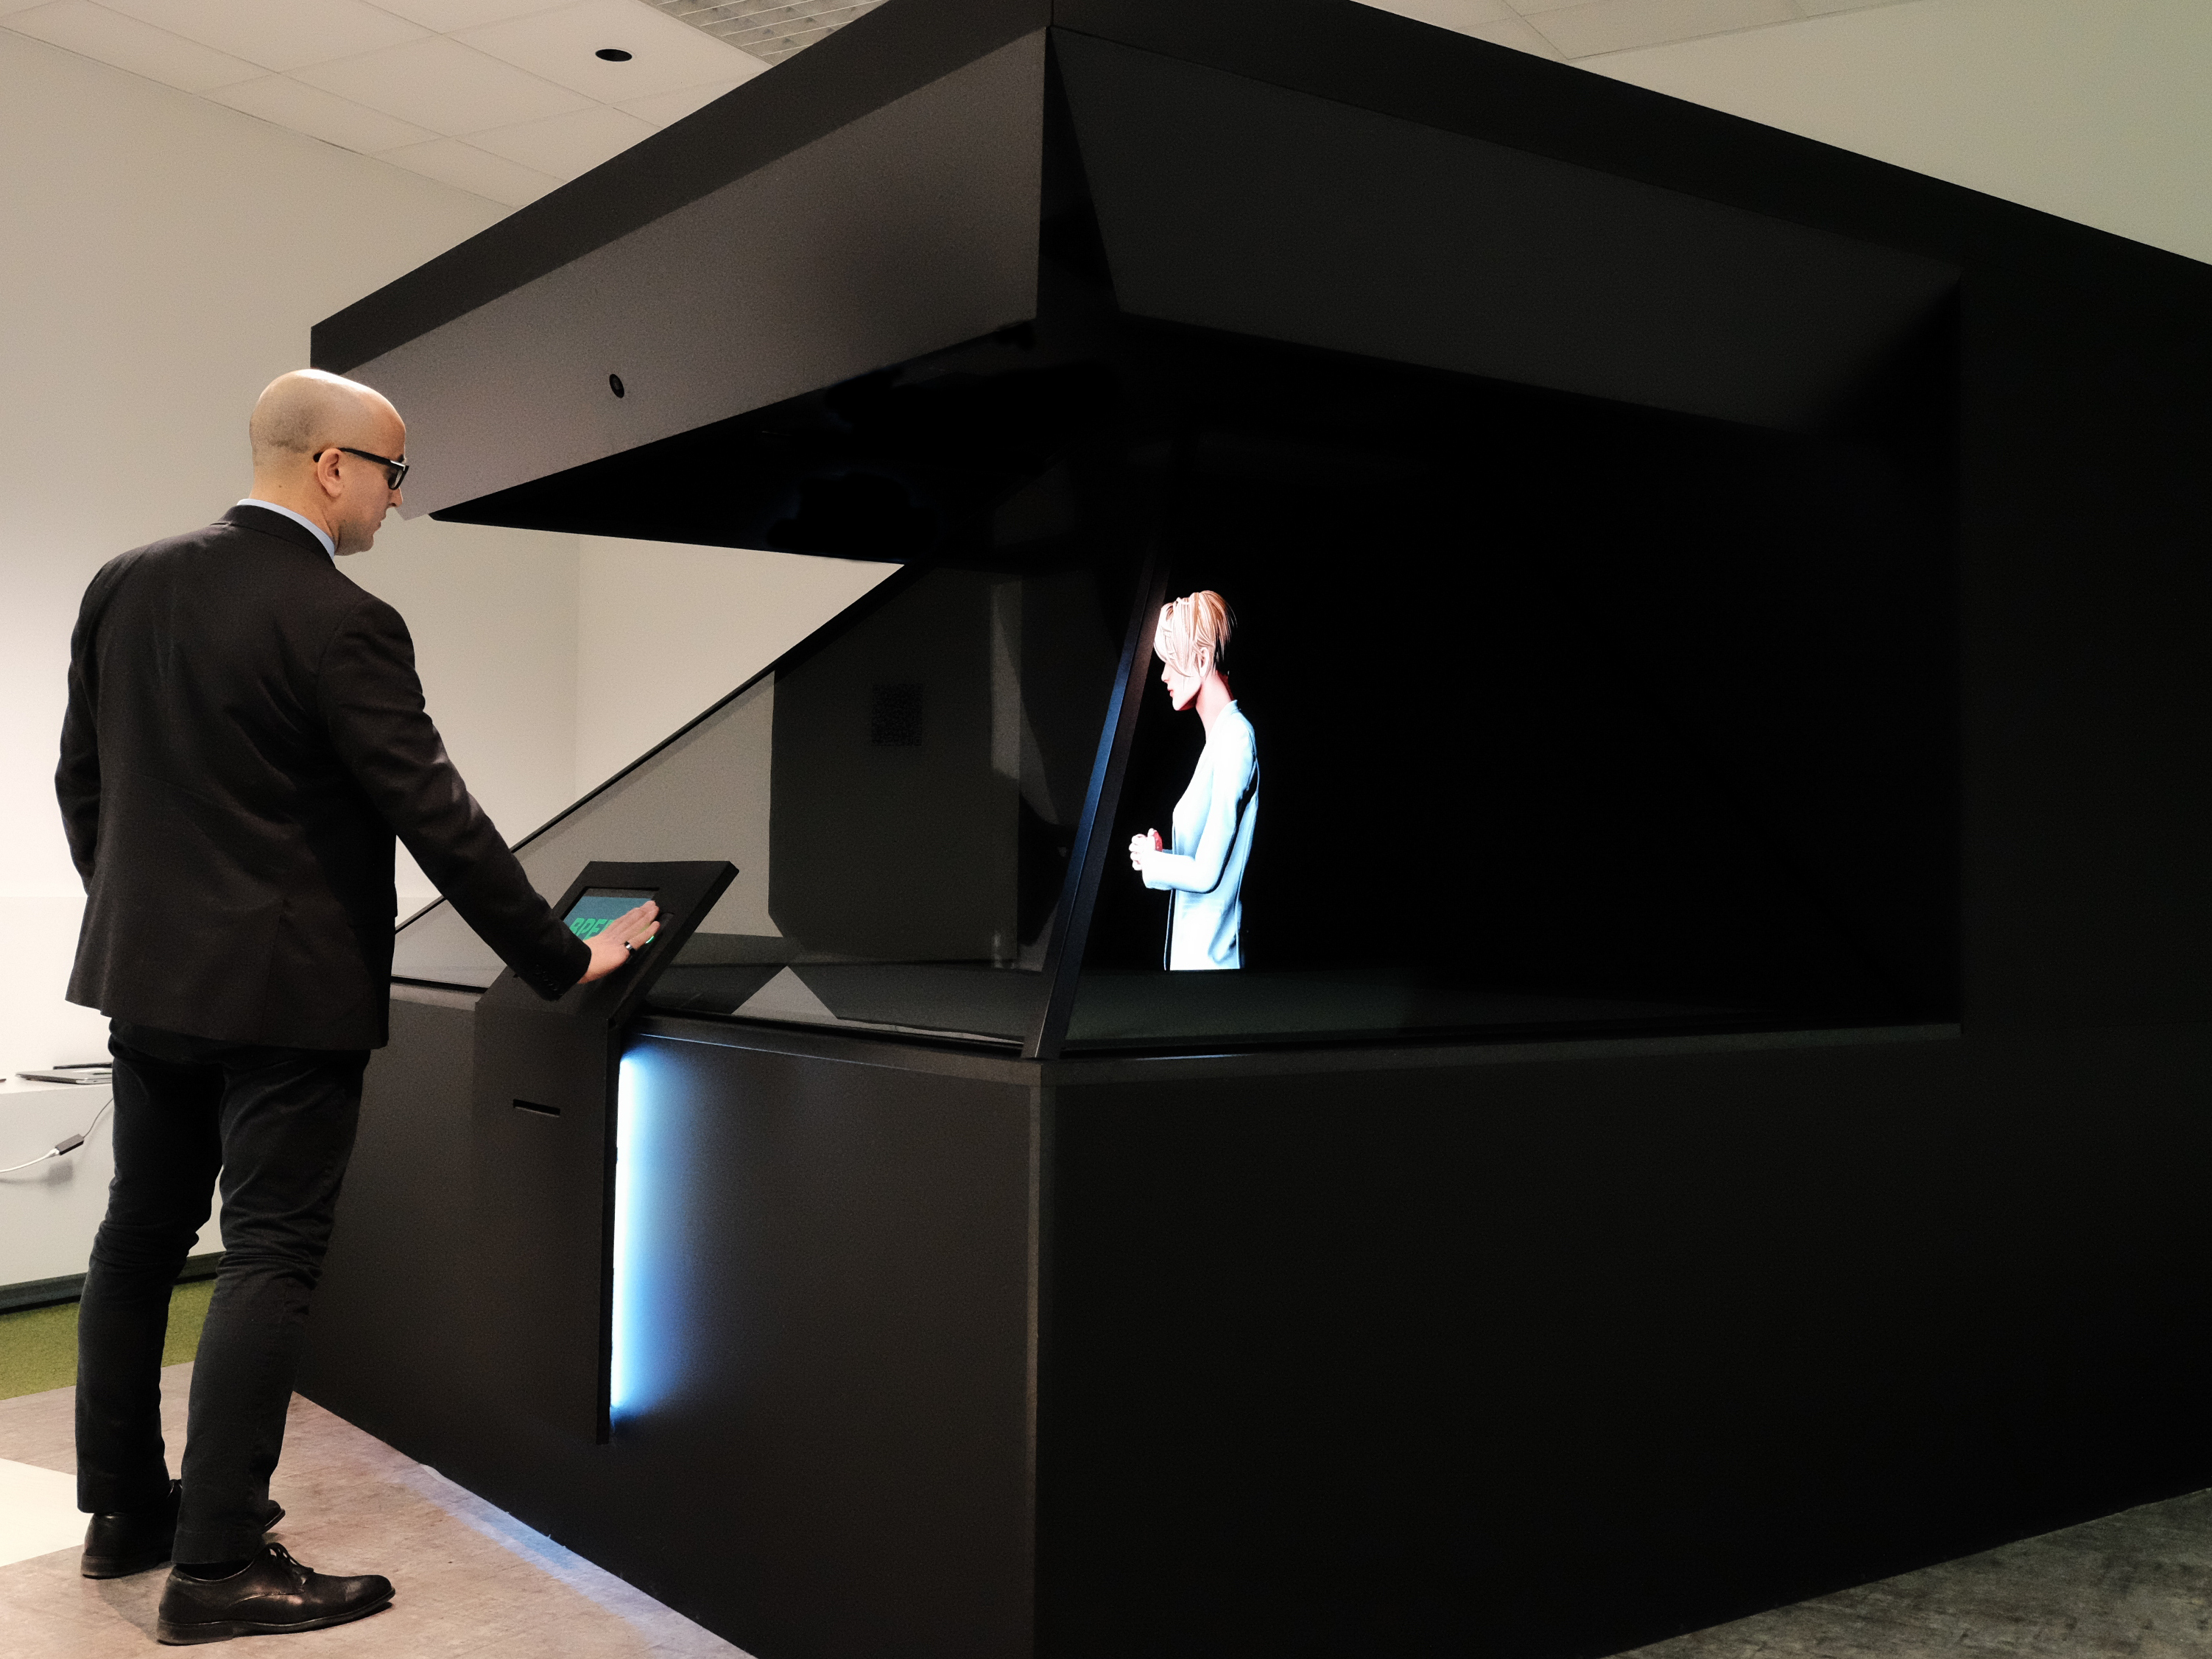 CNR-ICAR E BPER Banca Portano AI, Computer Vision E Modelli 3D Umanoidi Nella Filiale Del Futuro: Una Nuova Esperienza Di Banca